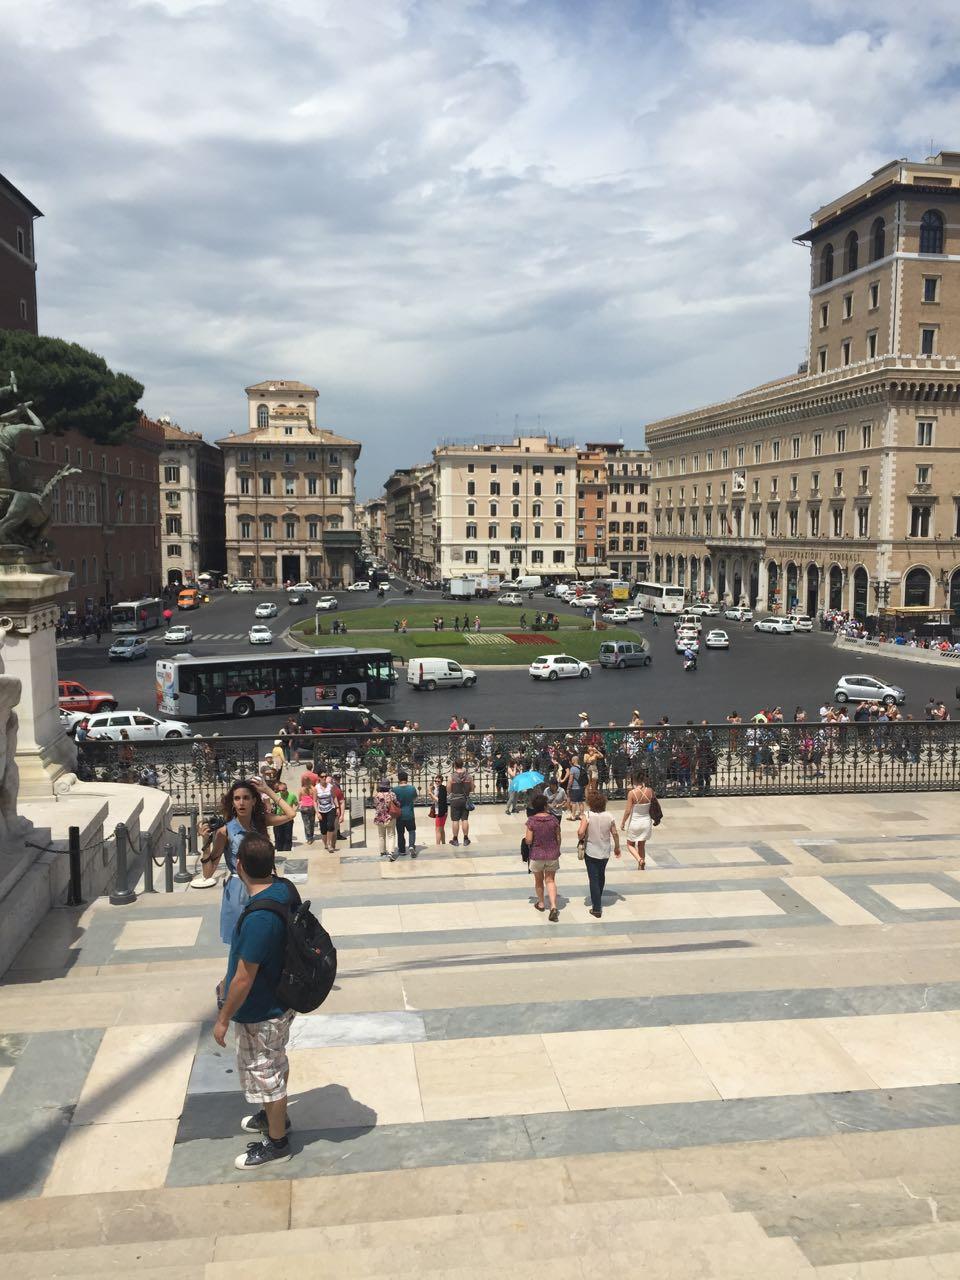 1FT Rome Italy - Campitelli - Lazio, May 20, 2015 - 16 of 75